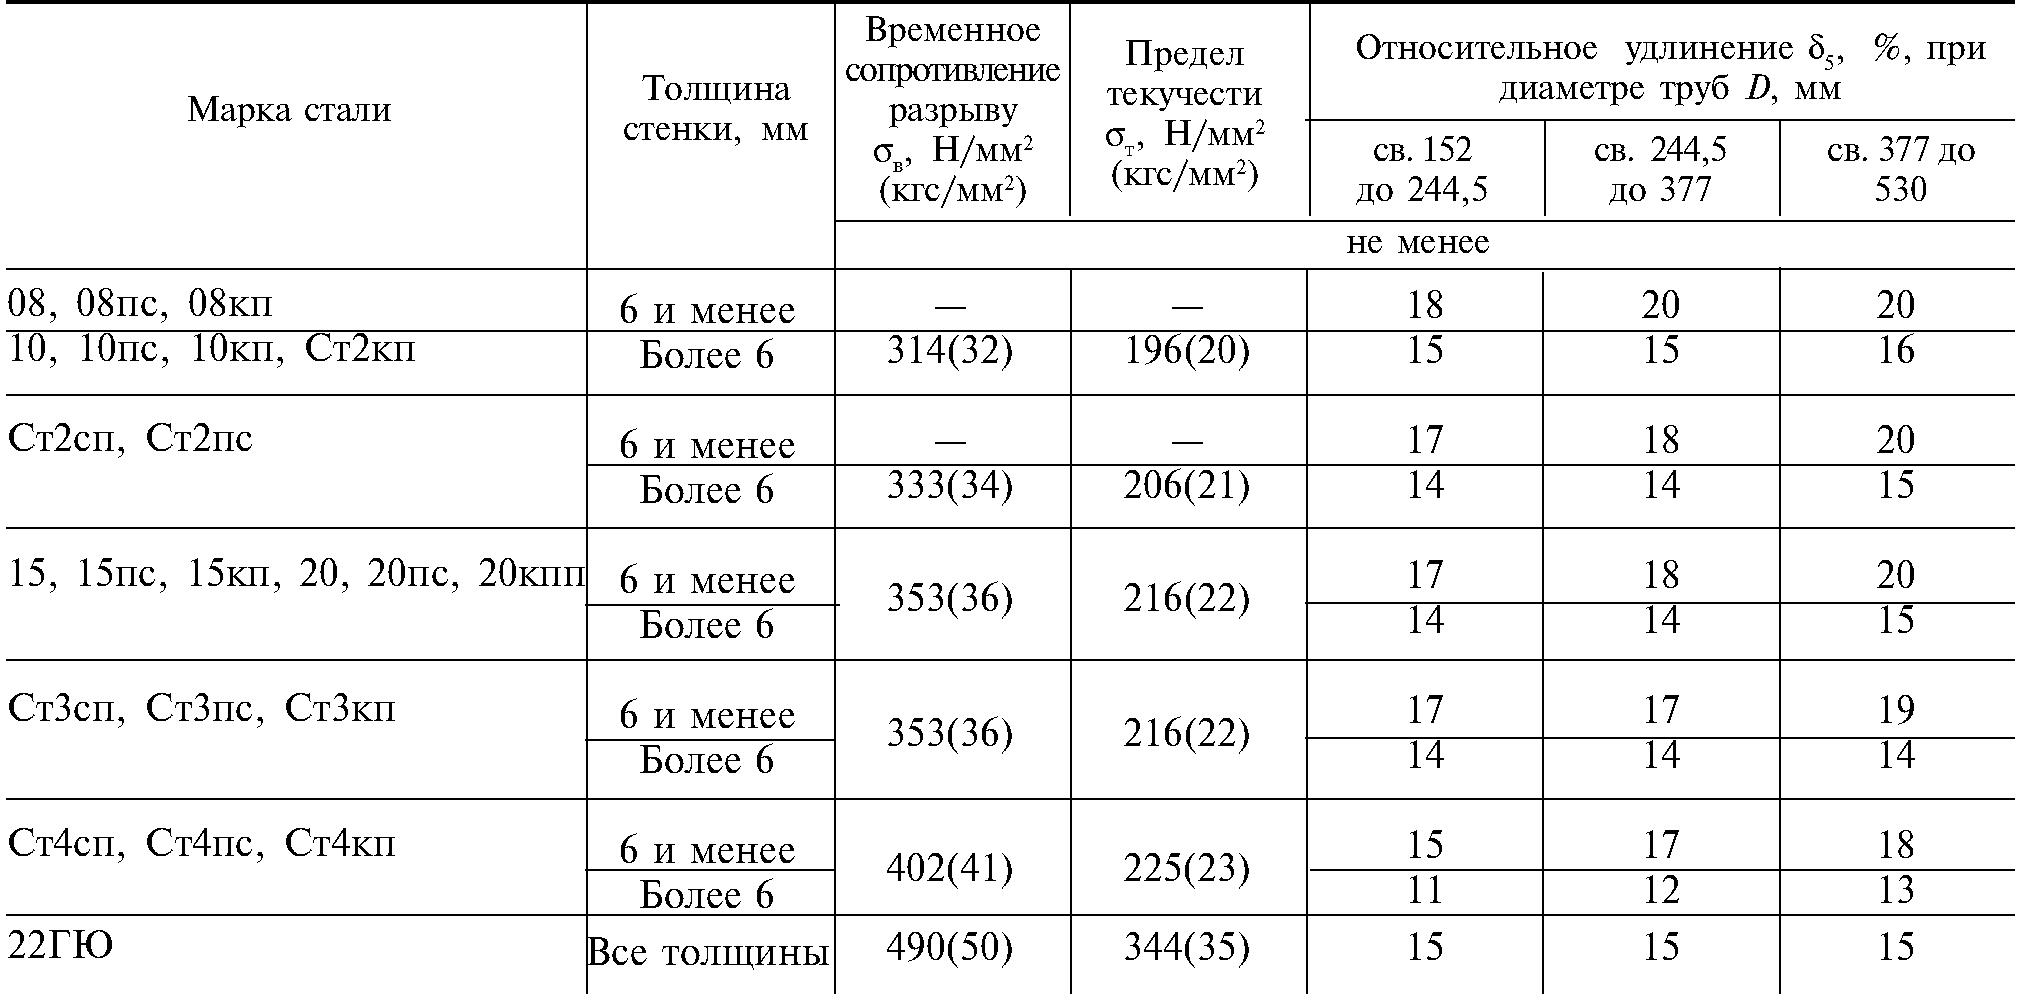 Виды и характеристики полиэтиленовых труб по гост